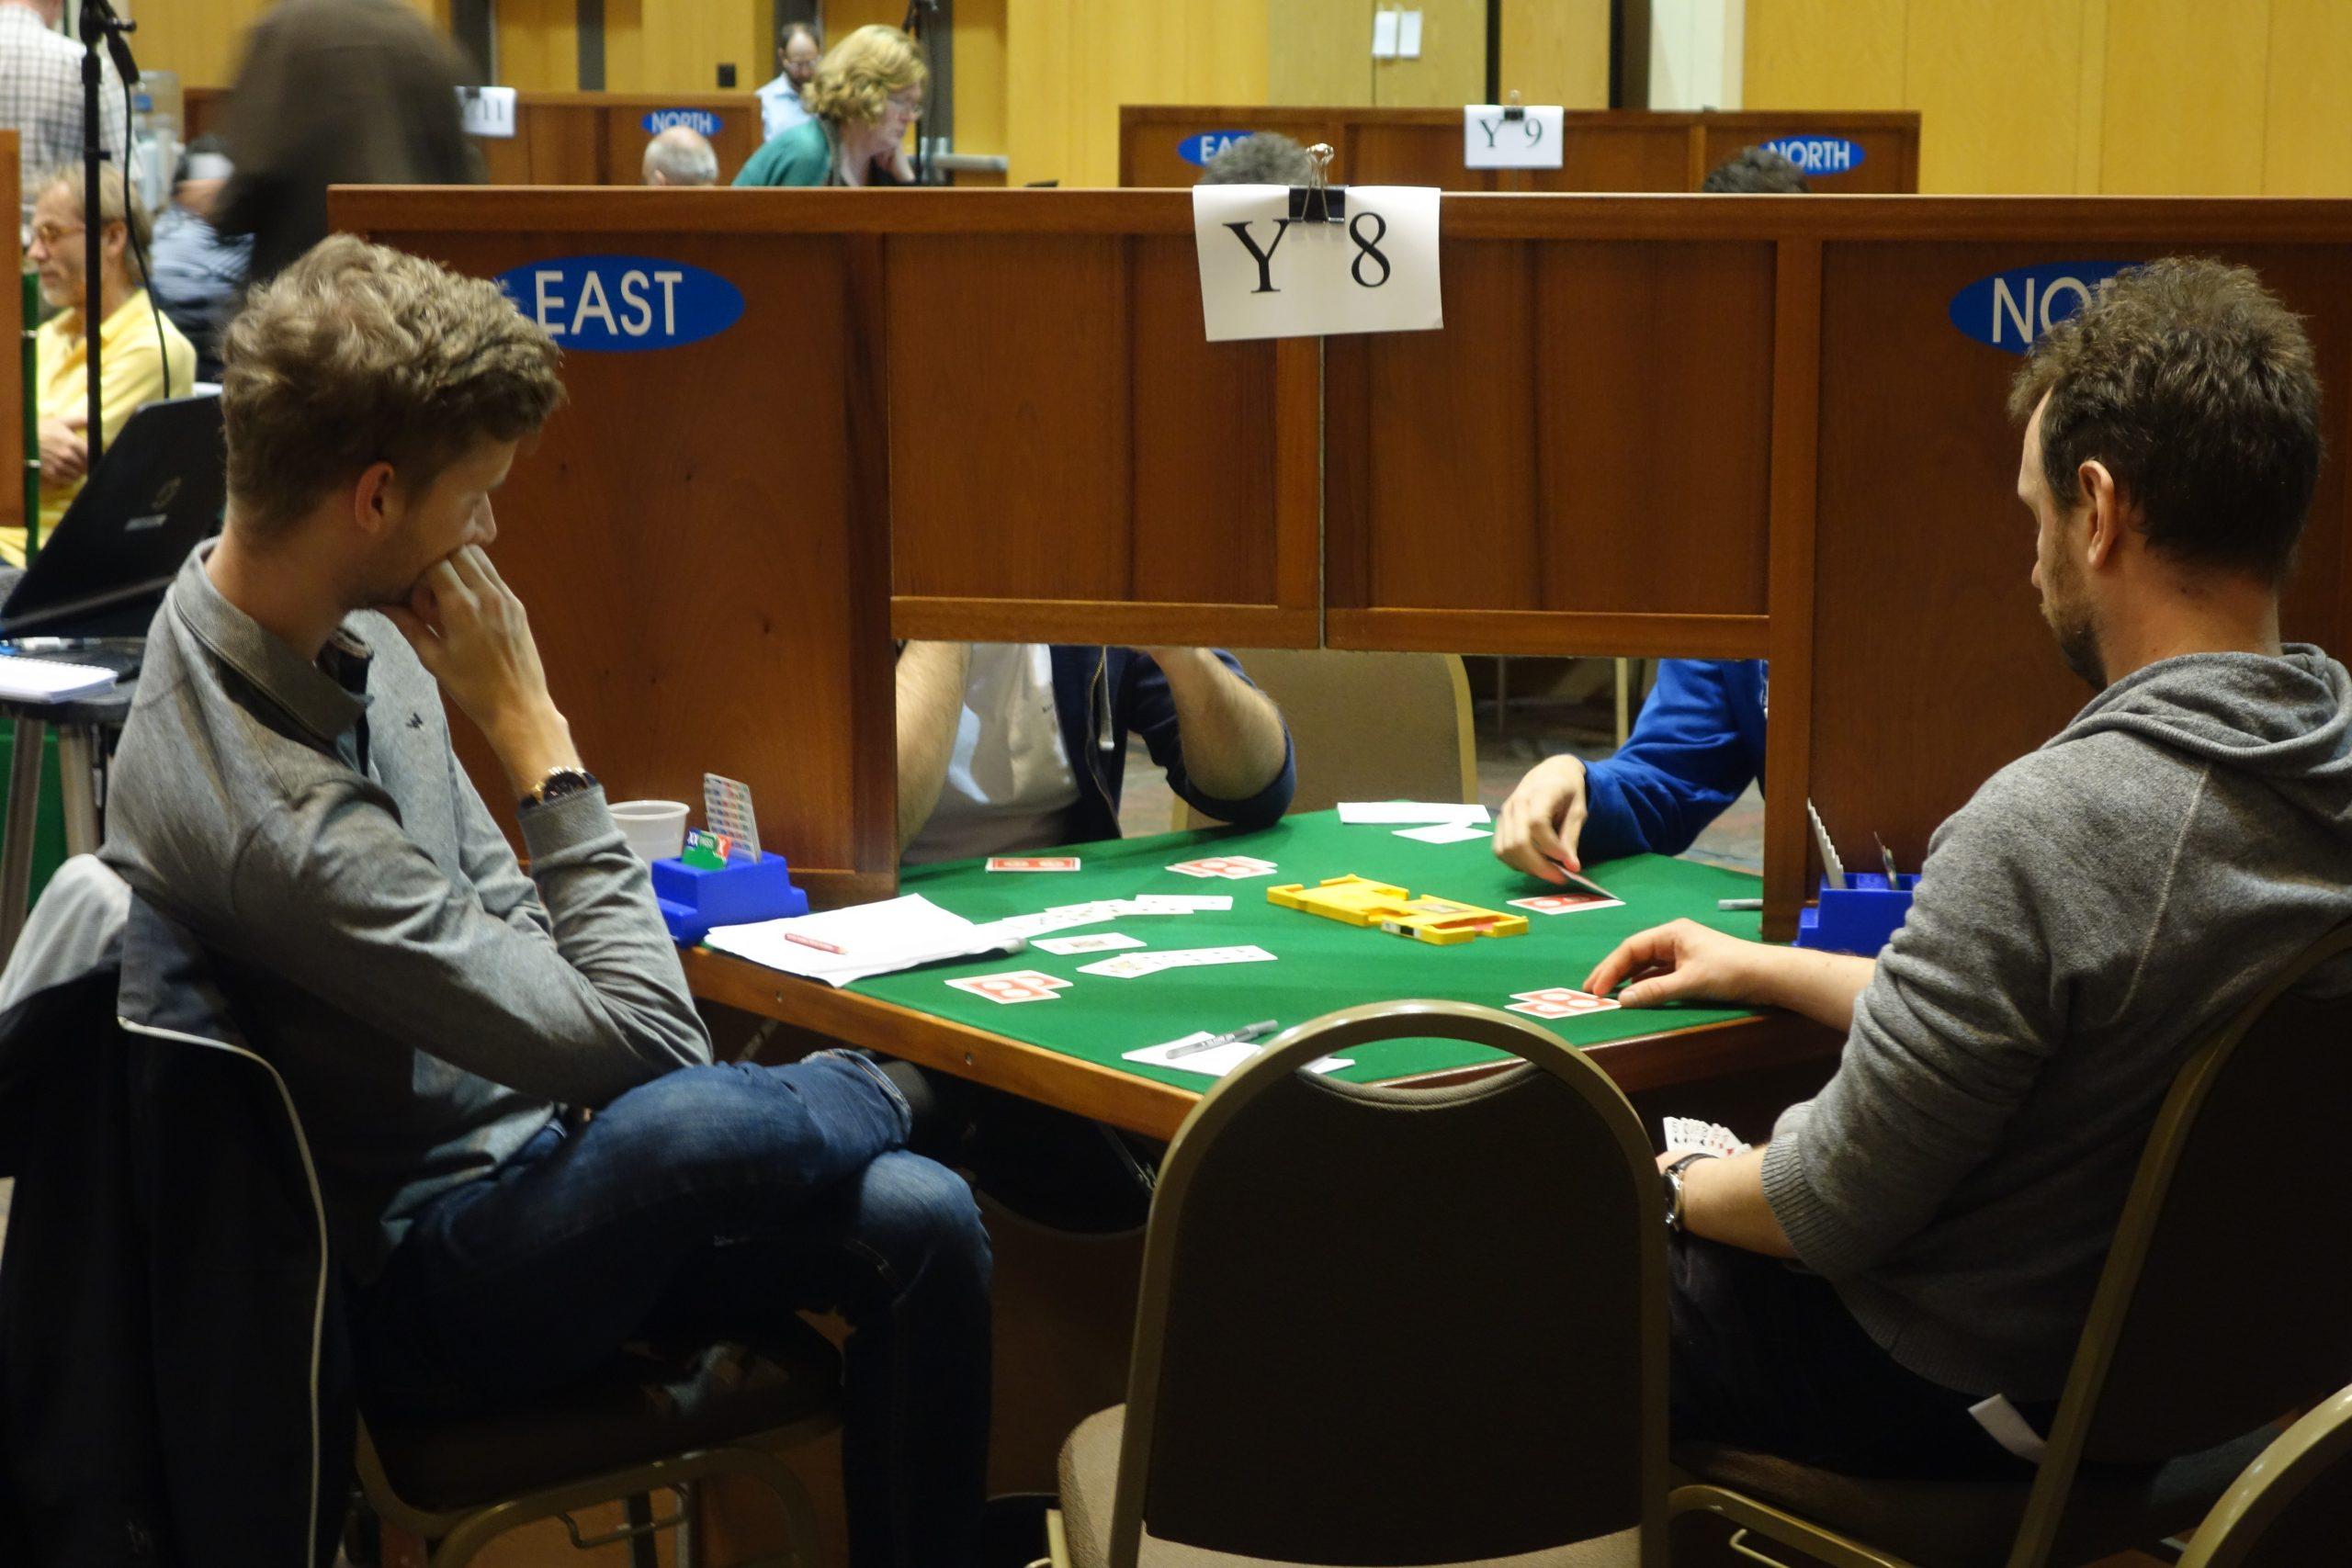 Bridge players competing behind screens